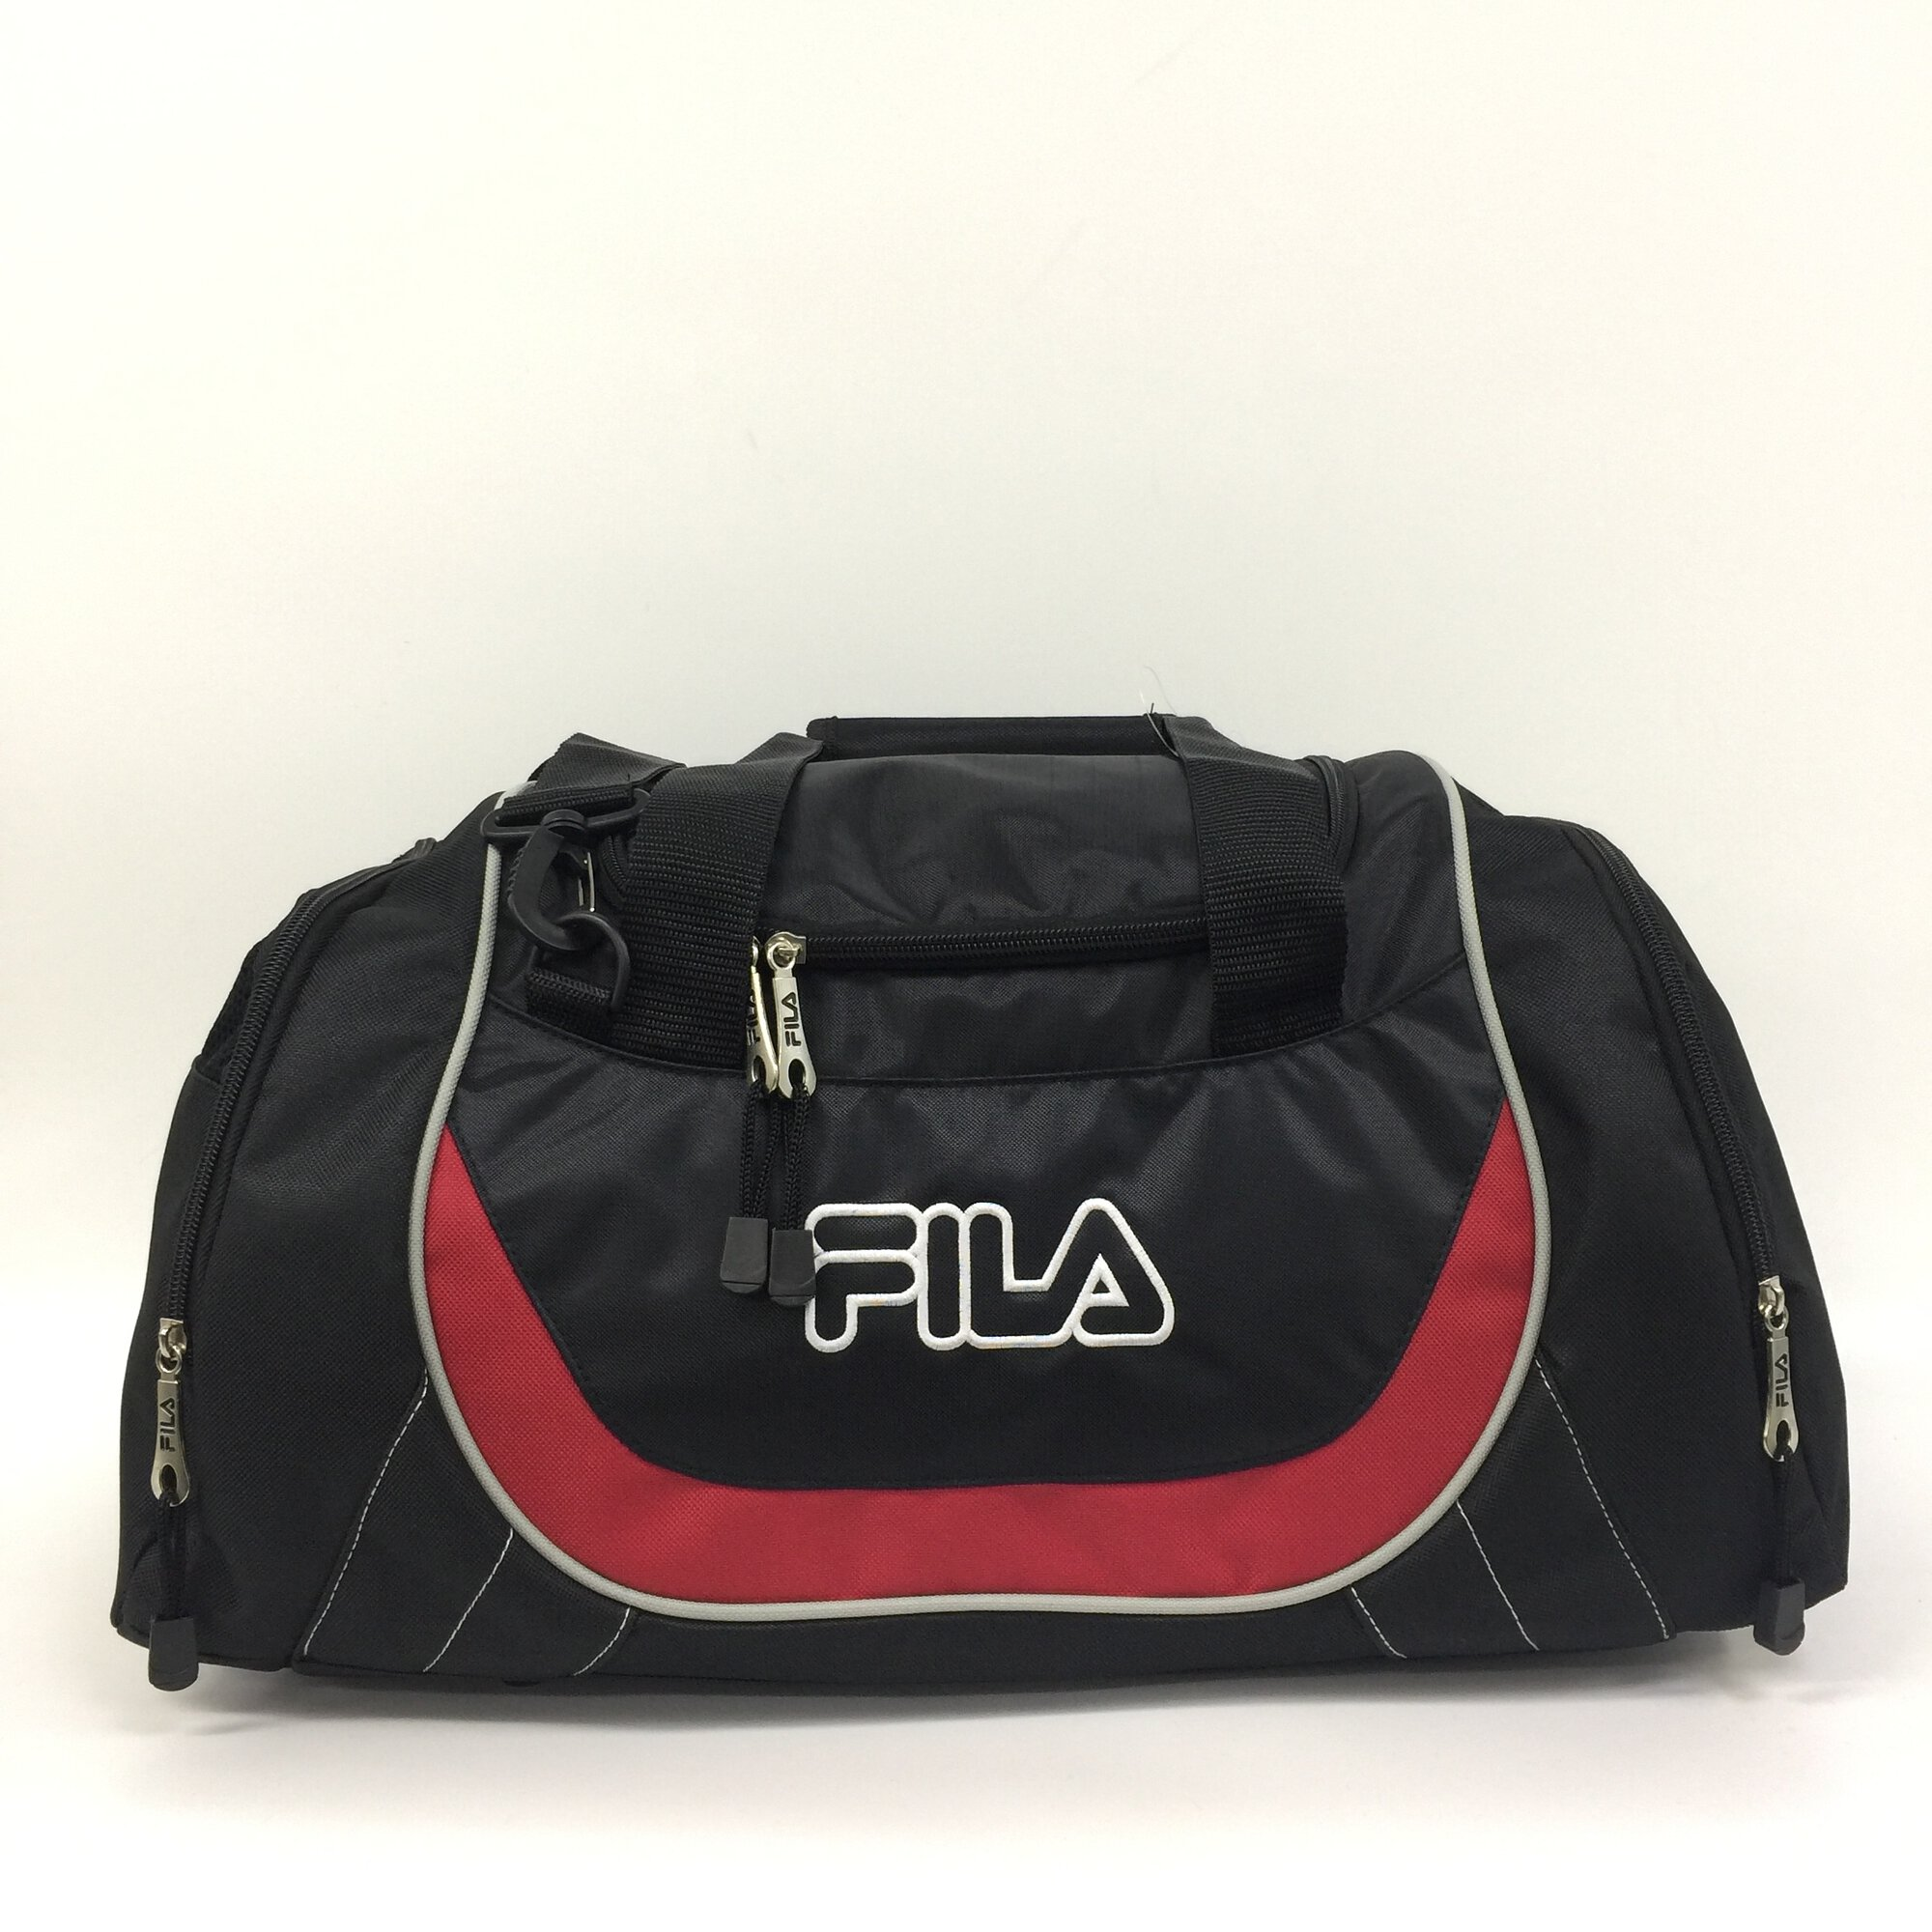 Fila Small Travel Bag 434bc9e4afdac